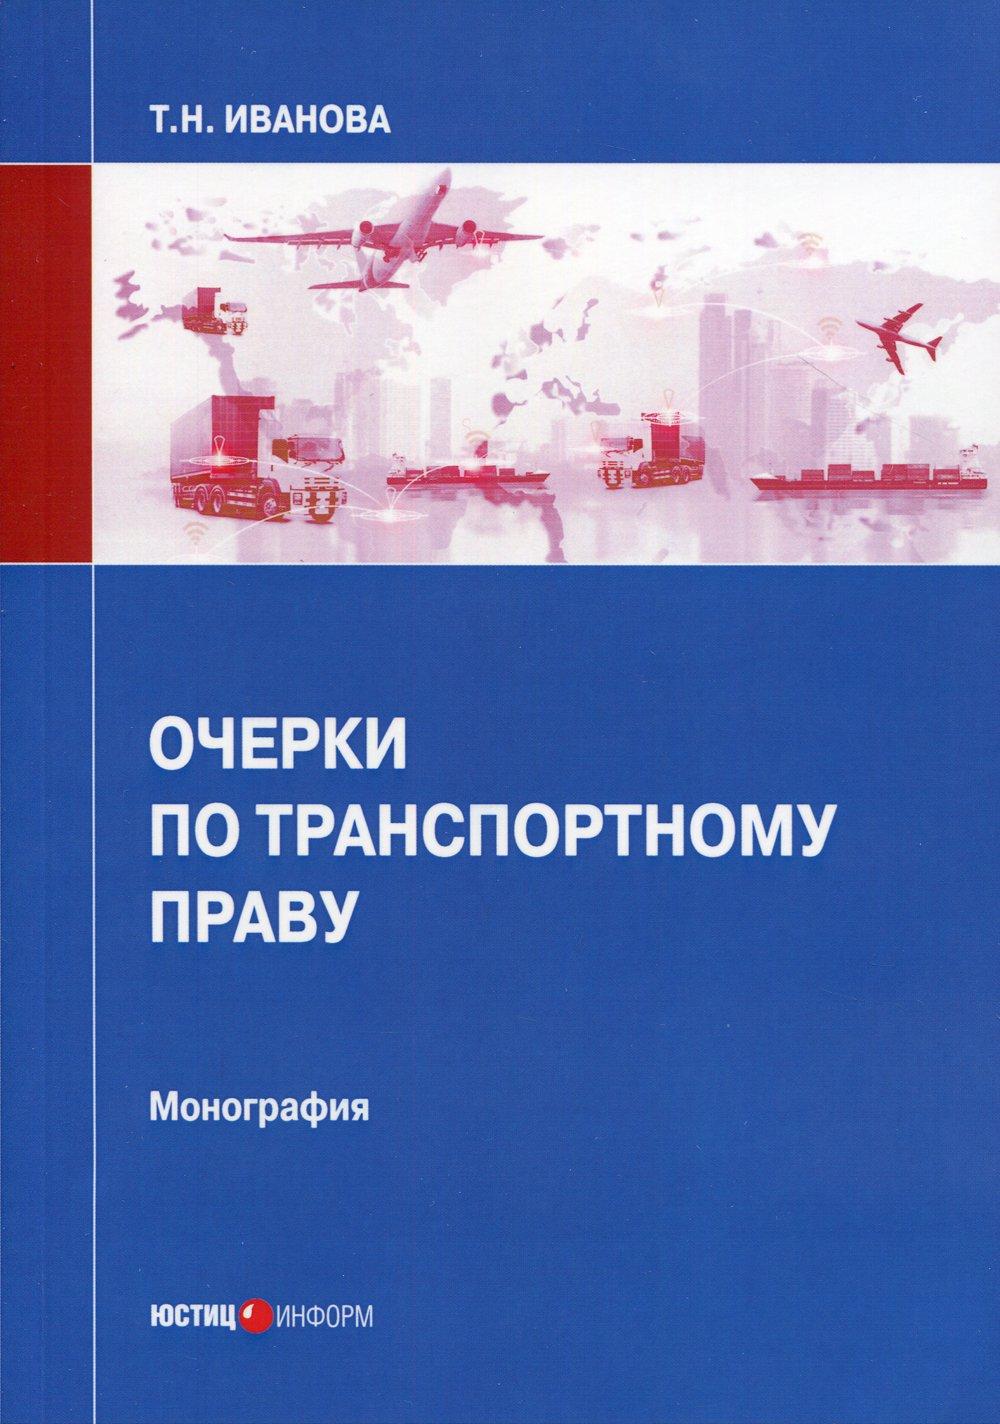 Очерки по транспортному праву: монография. Иванова Т.Н. ( Иванова Т. Н.  )